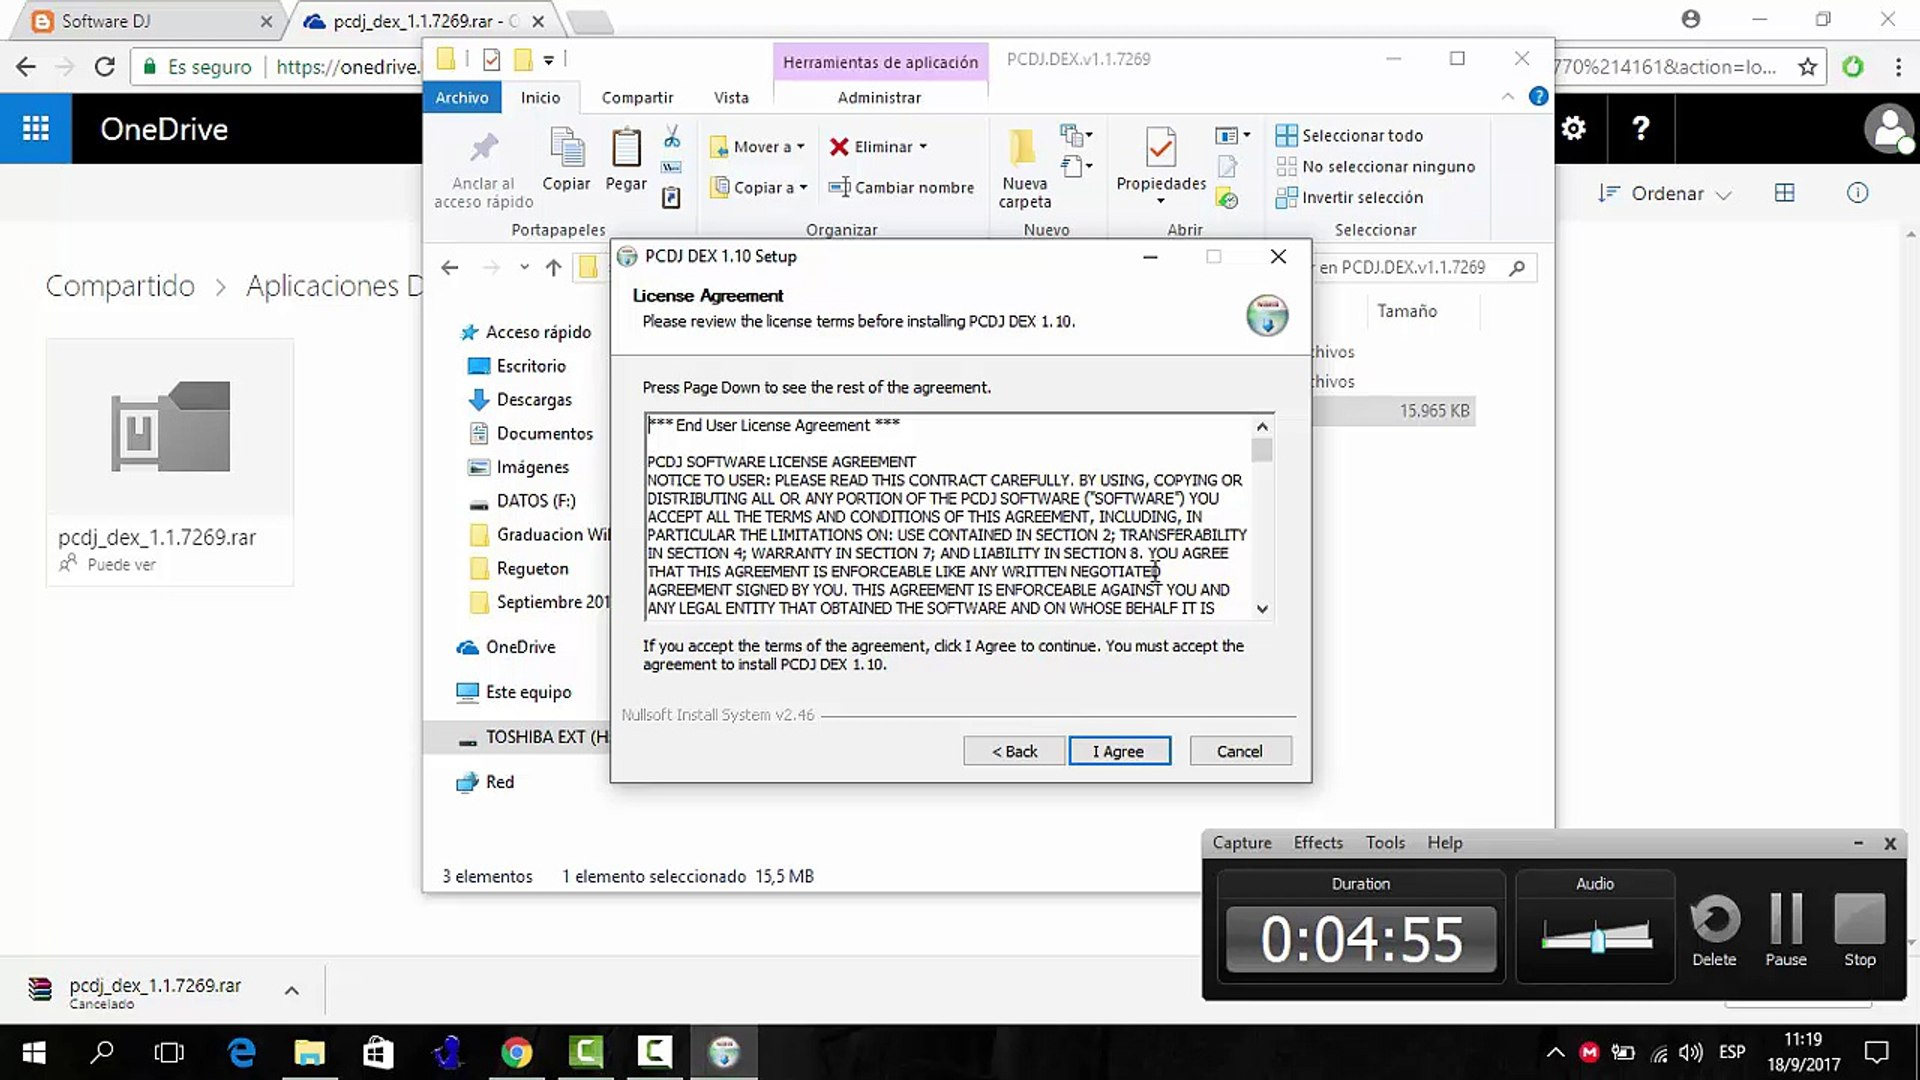 Aprende como instalar PCDJ DEX 1.1.72 en Windows 10 y conviértete en el DJ de la fiesta